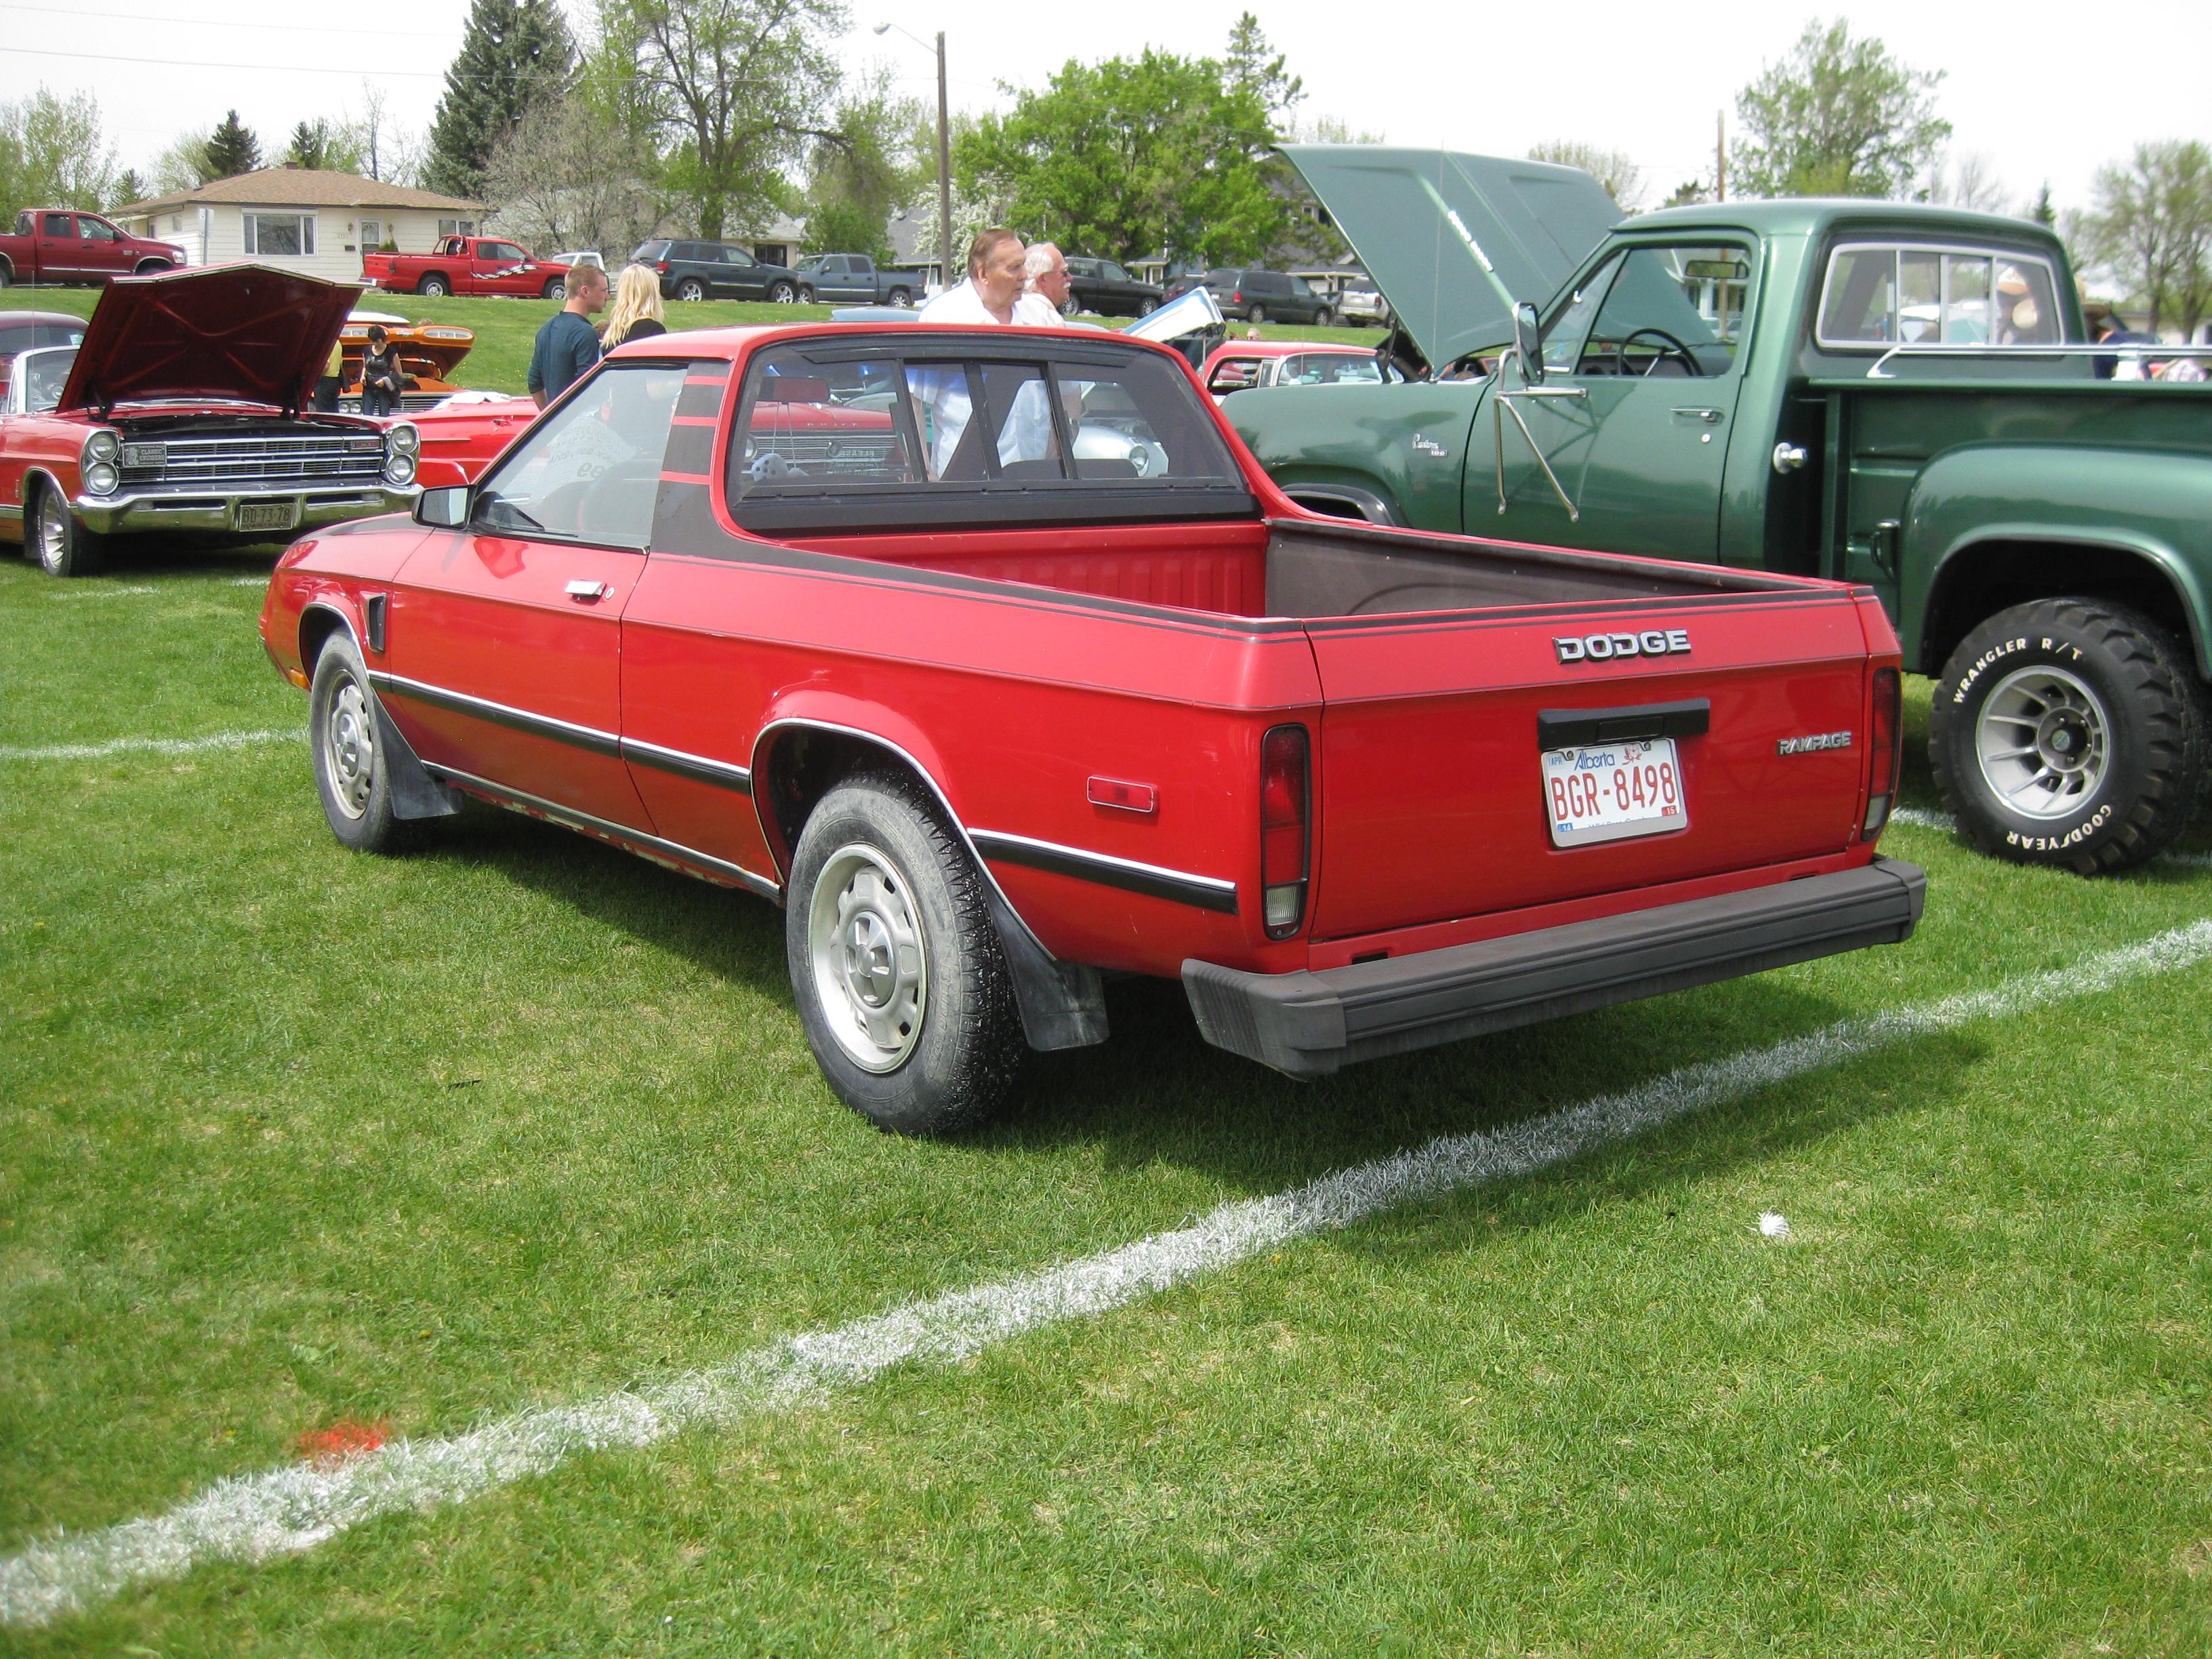 Dodge_Rampage_rear_%2814134705010%29.jpg